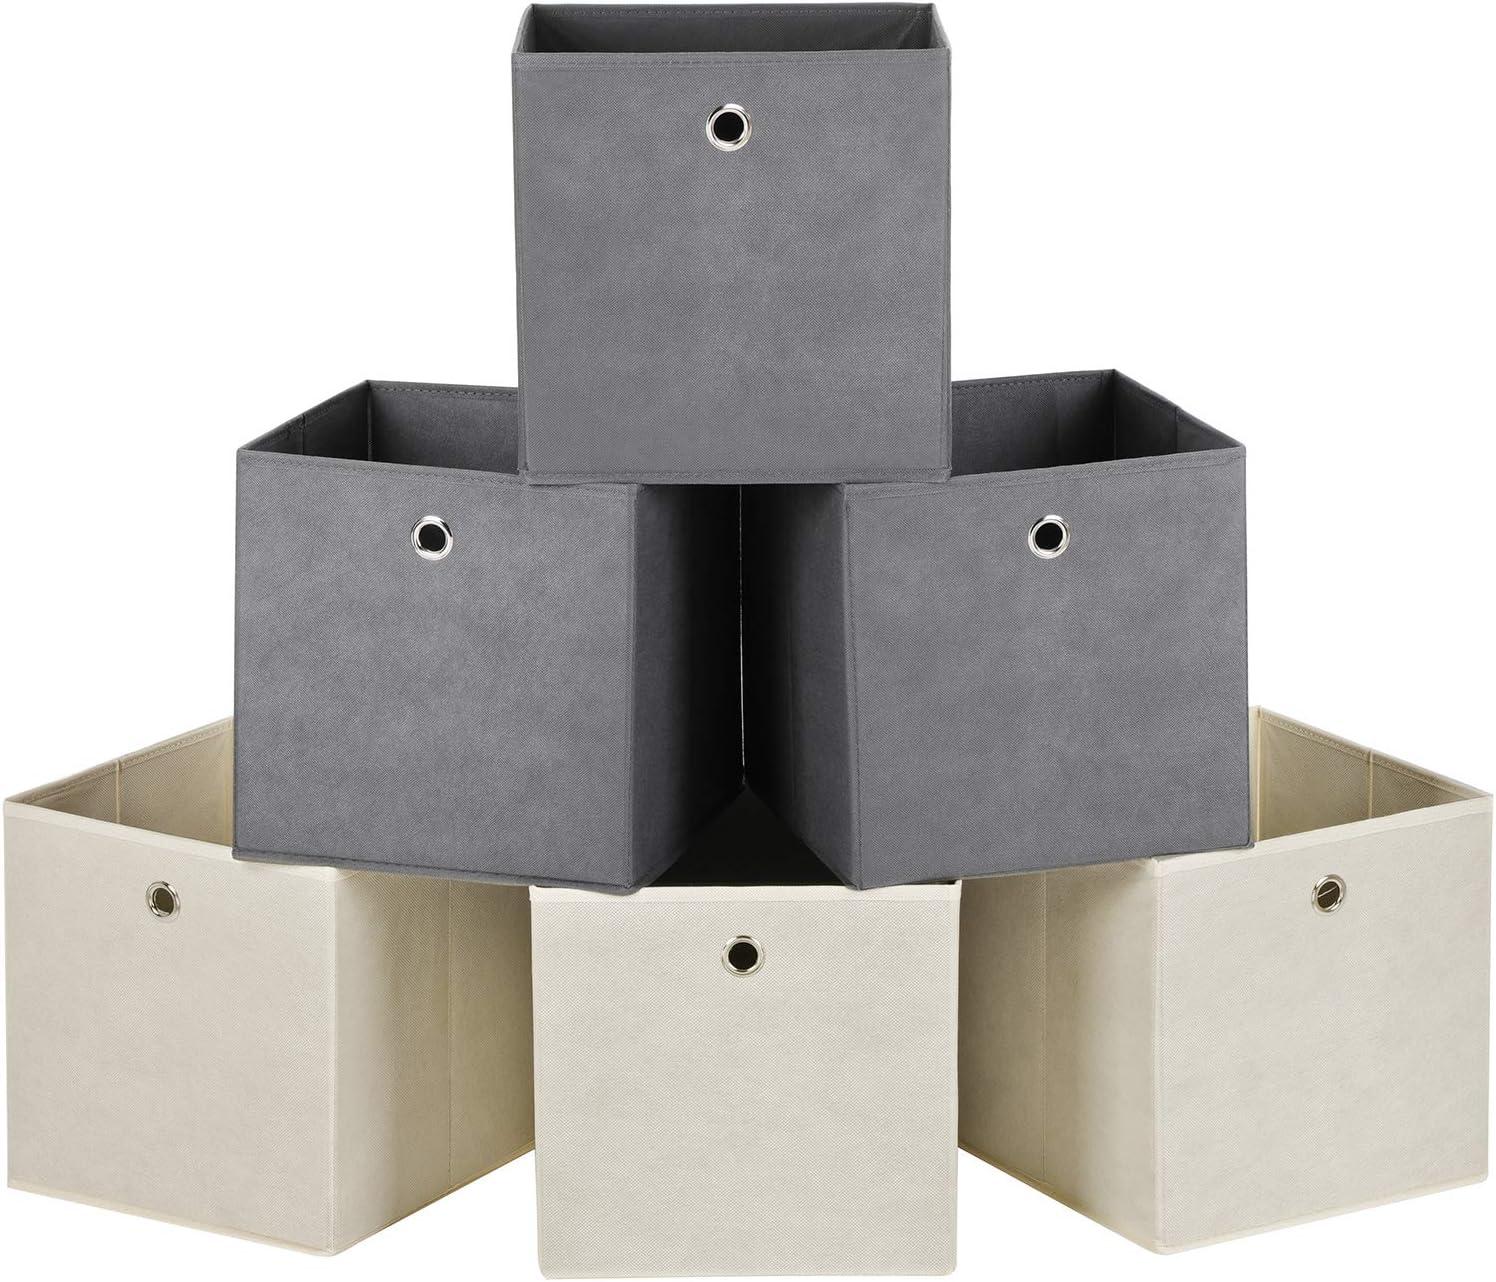 cl/óset 3 Unidades HGYB Juego de cestas de Almacenamiento Grandes Caja de Almacenamiento Plegable de Tela de Lona con Asas para el hogar Oficina